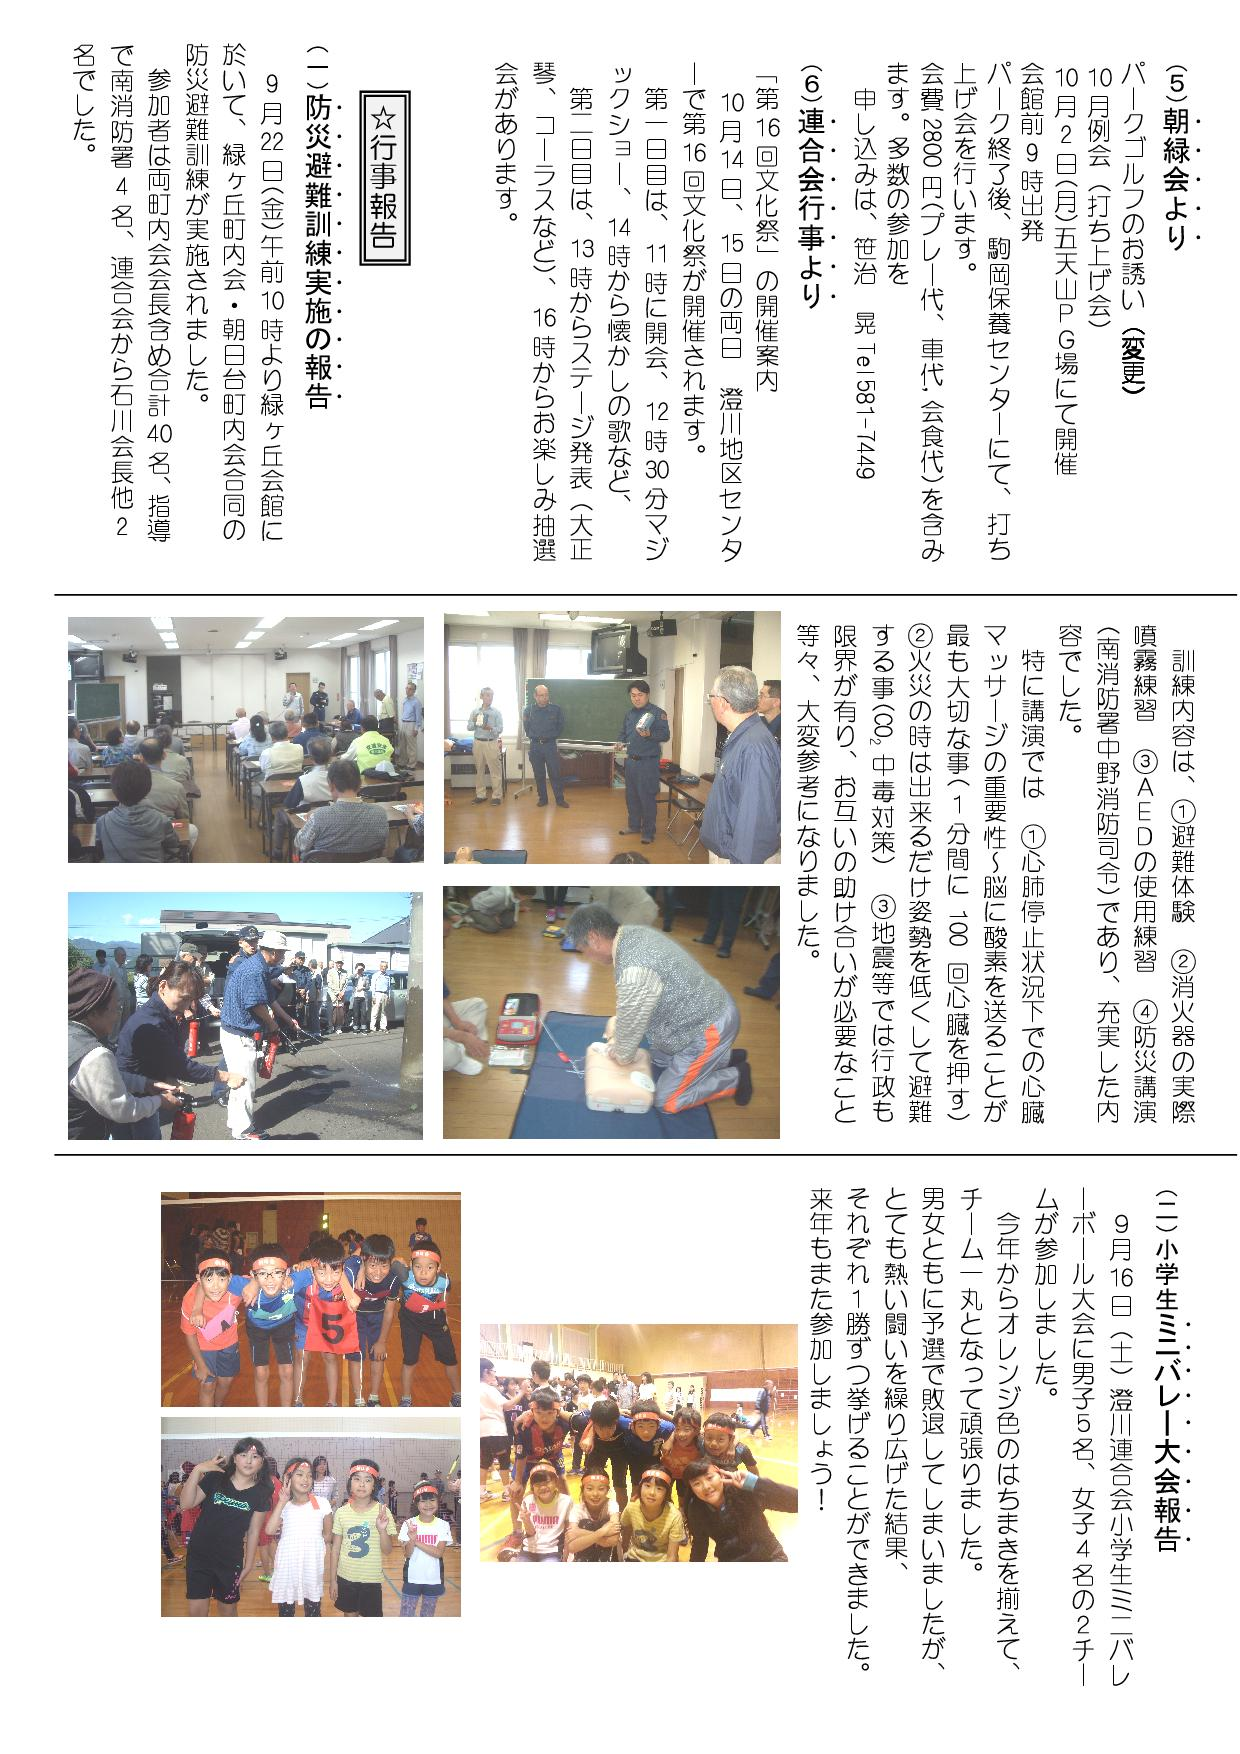 http://sumikawa.info/asahidai/29%2010%E6%9C%88%E5%8F%B7-002.jpg